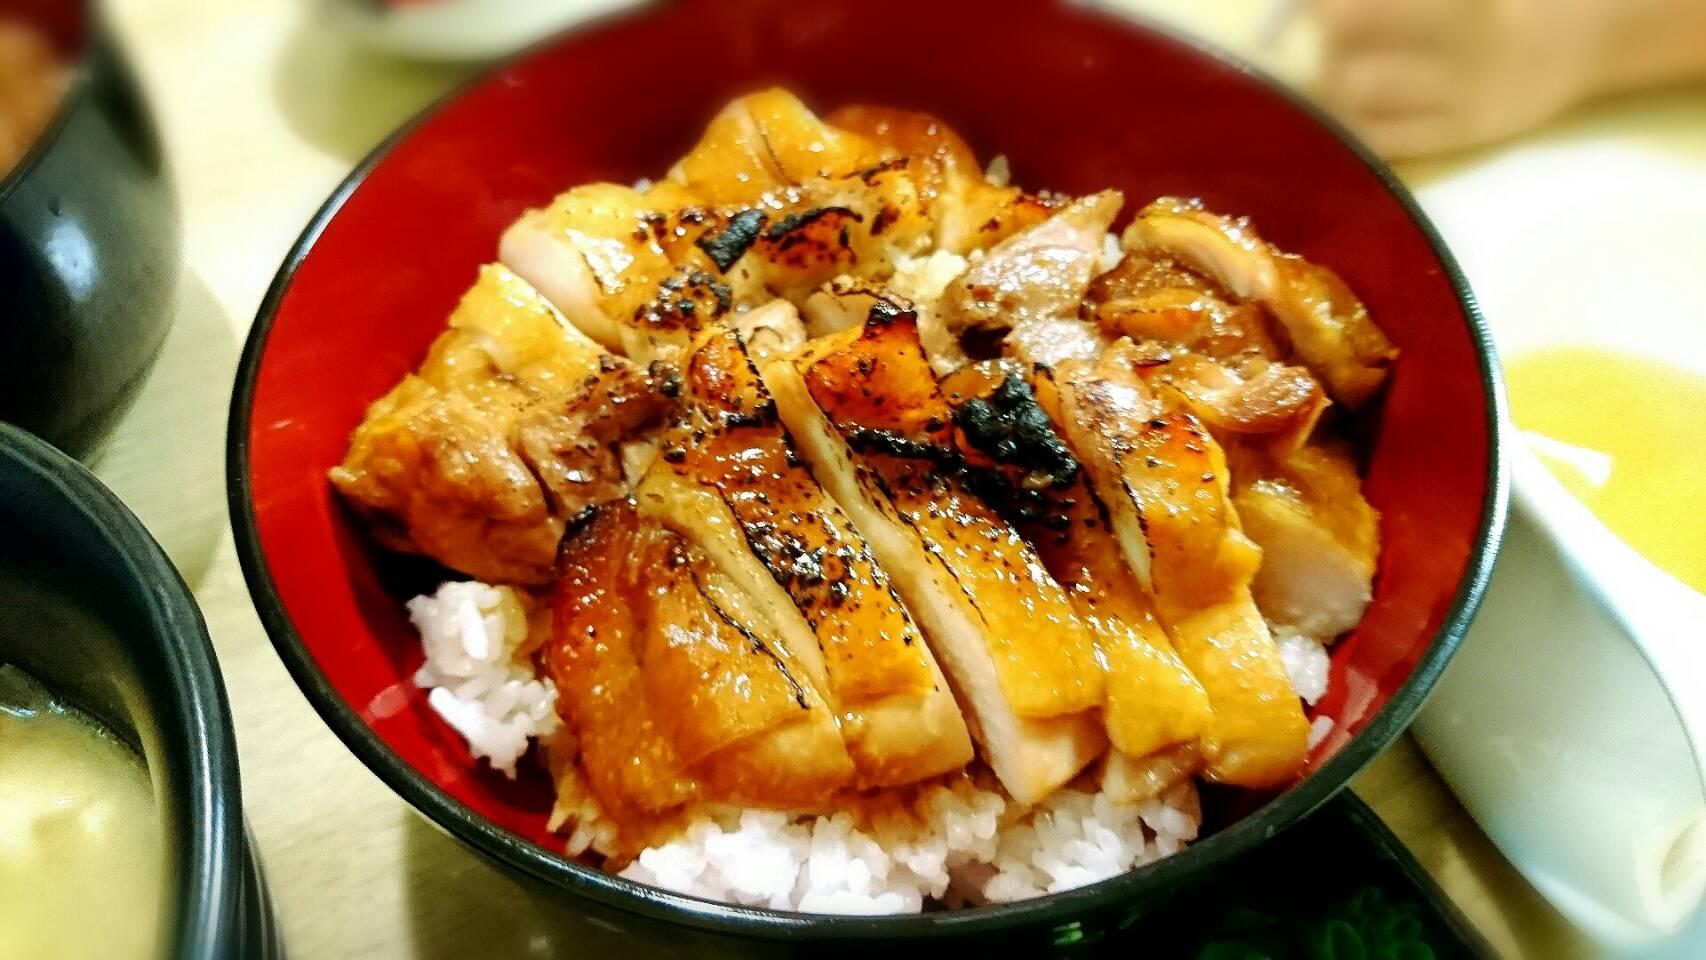 【名古屋名物ひつまぶし】自宅で簡単鳥もも肉でひつまぶしを作る